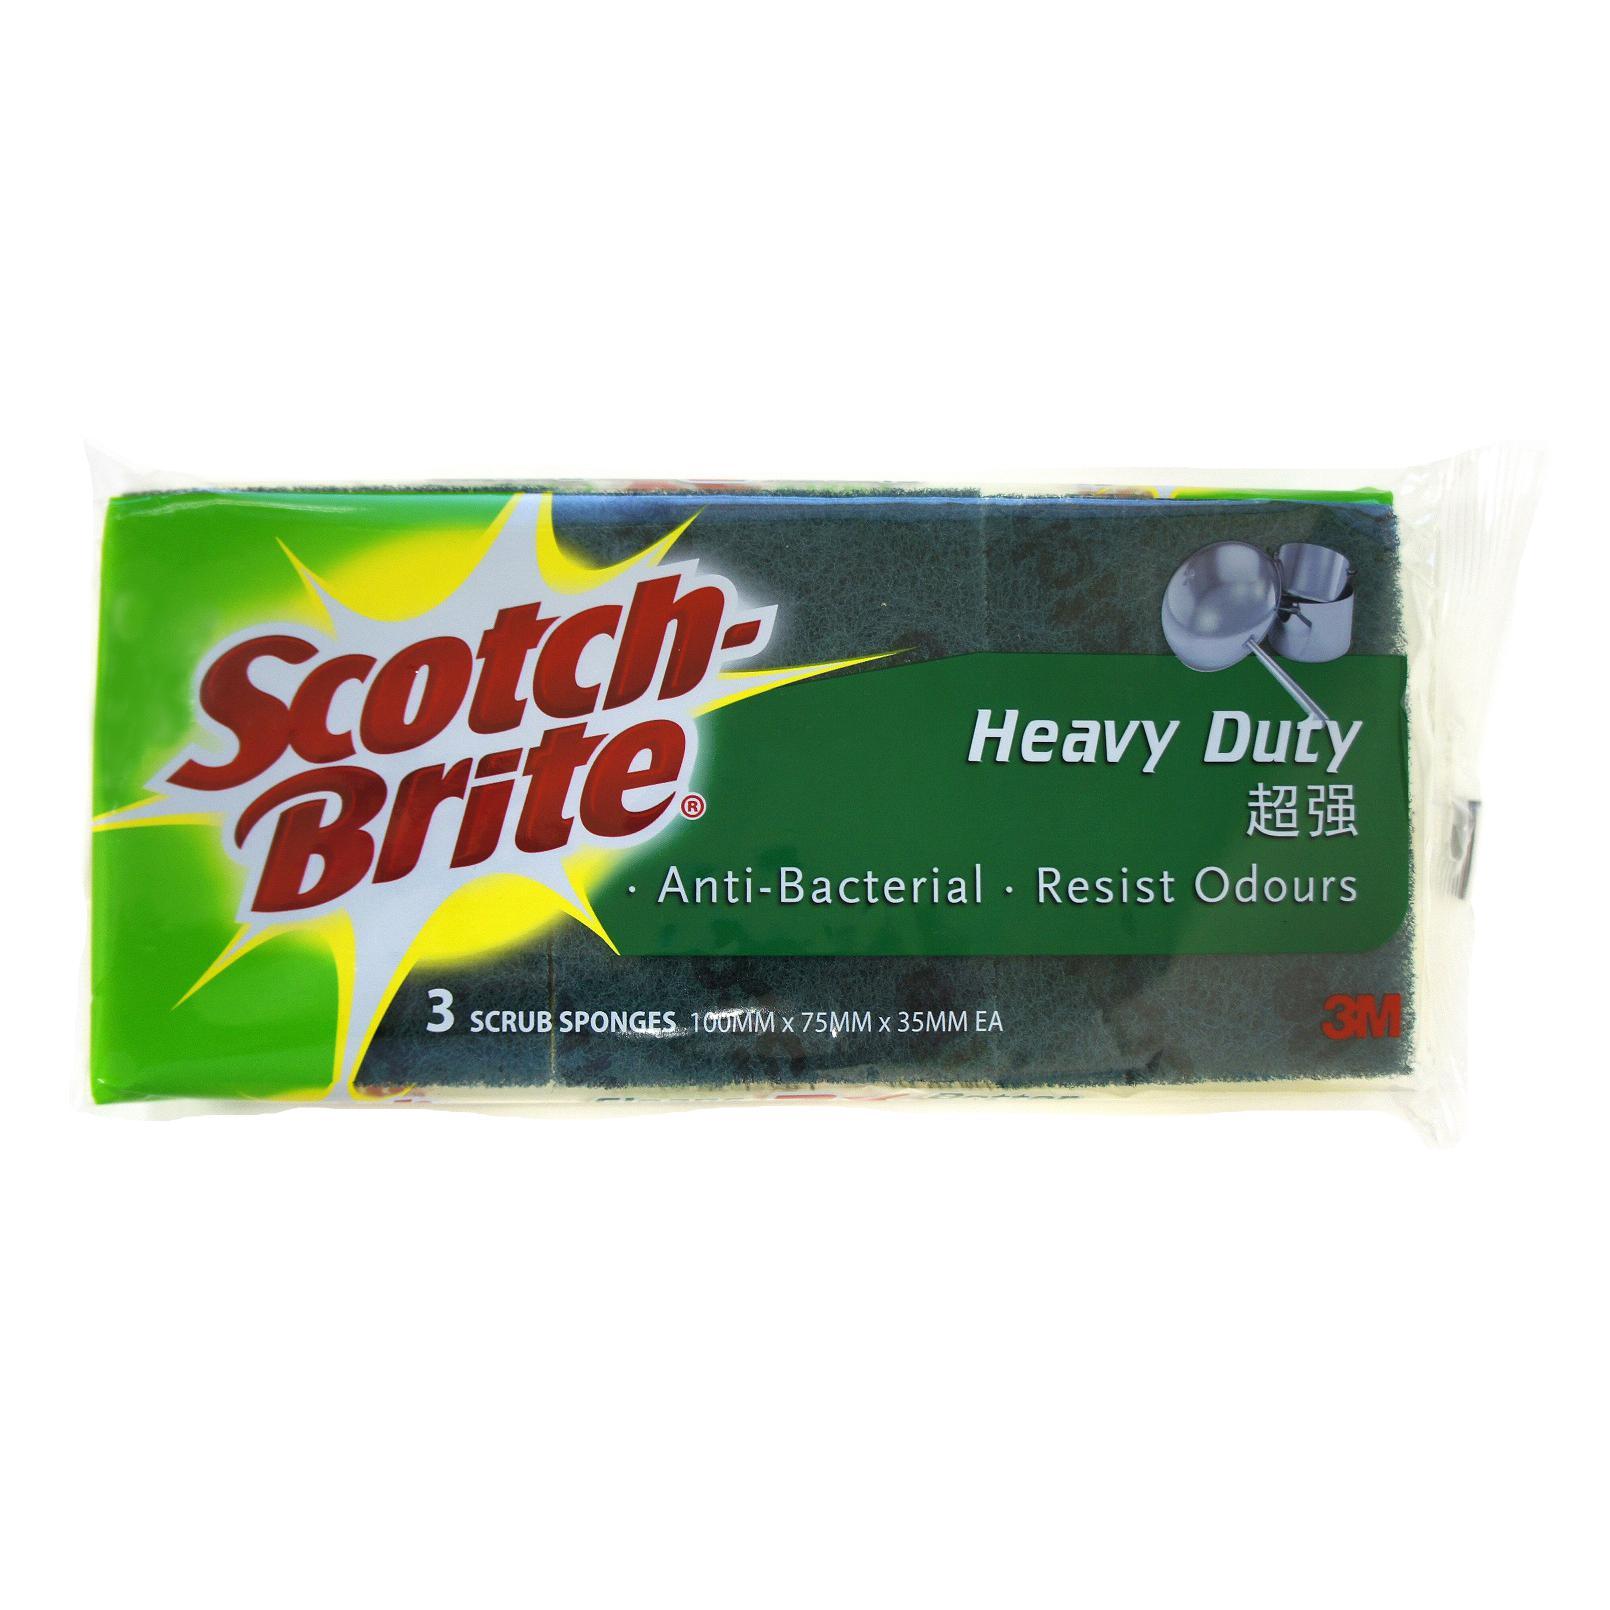 3M Scotch-Brite 2 in 1 Sponge Pad Pack of 3 CAT 213